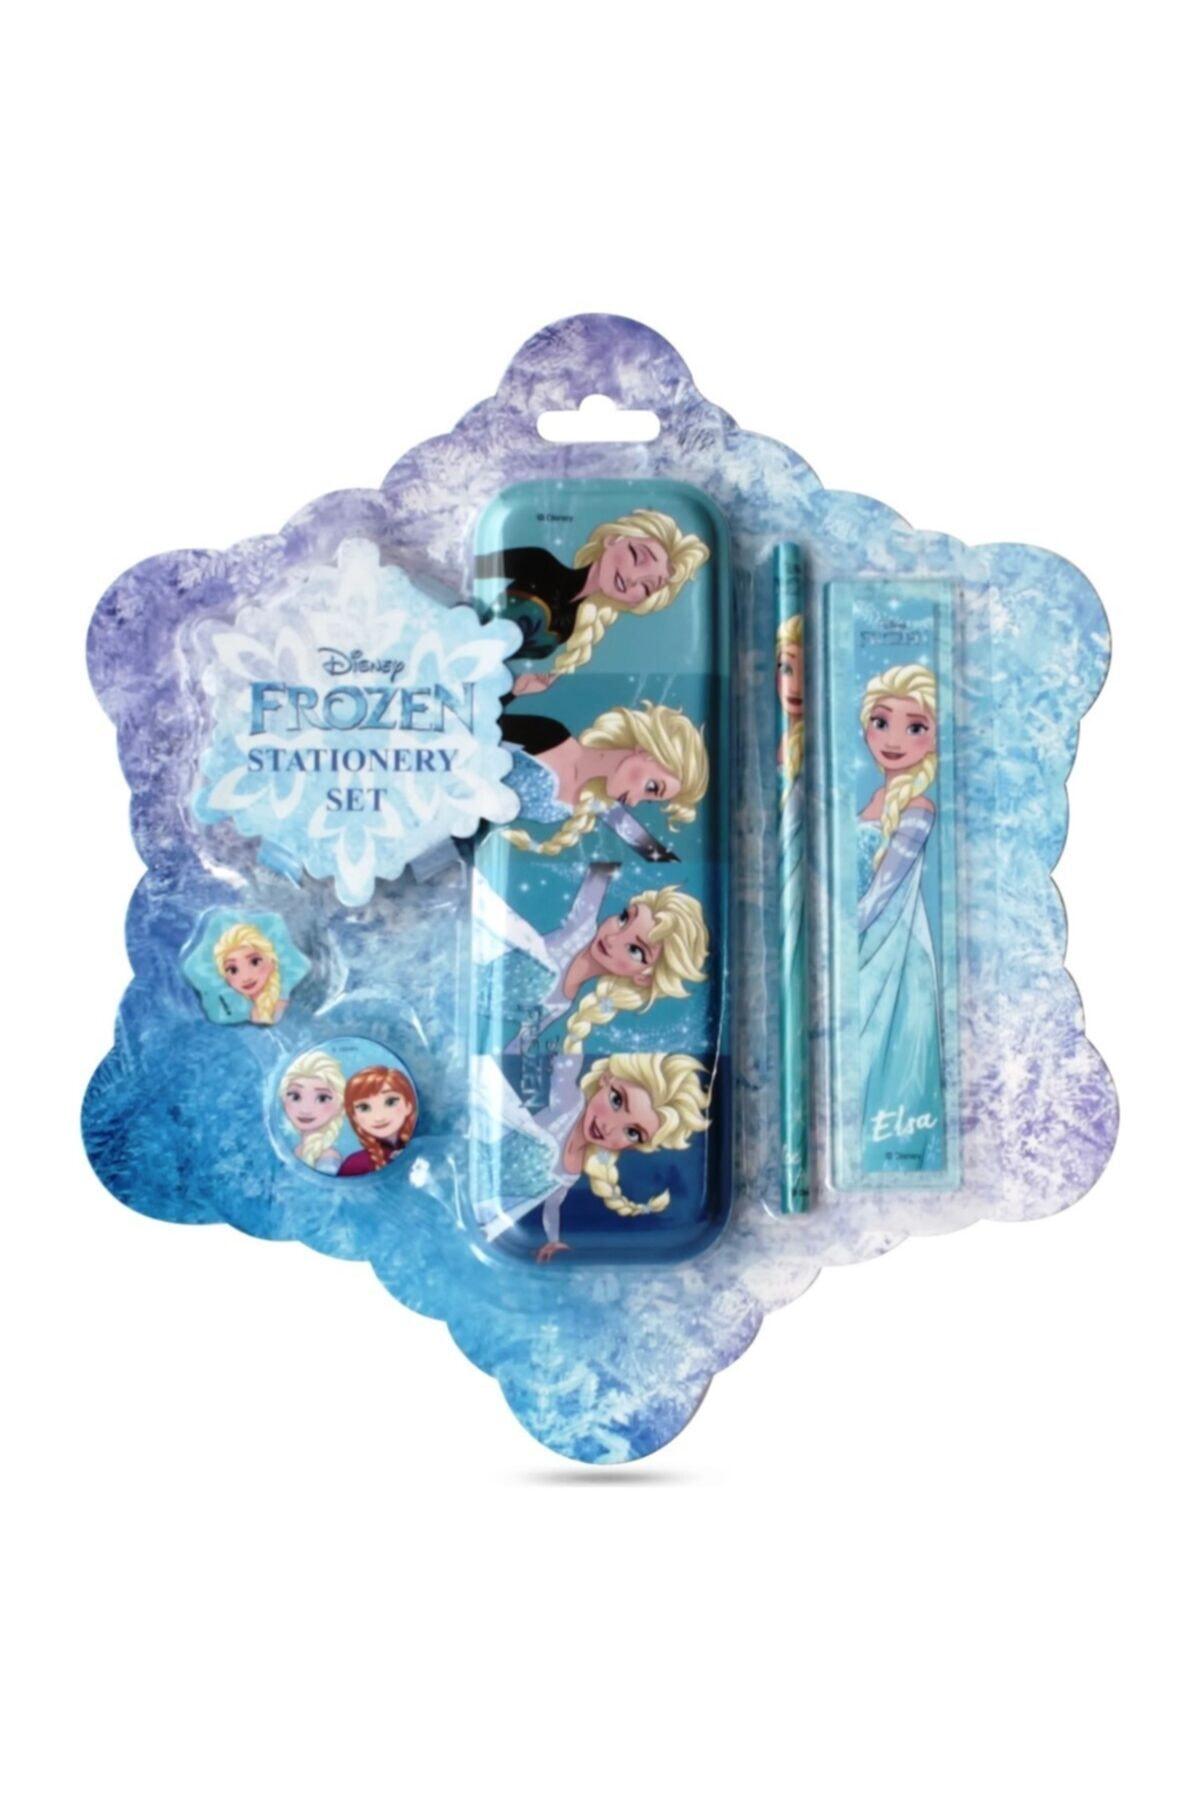 Cem Frozen Boyama Seti 26lı 1